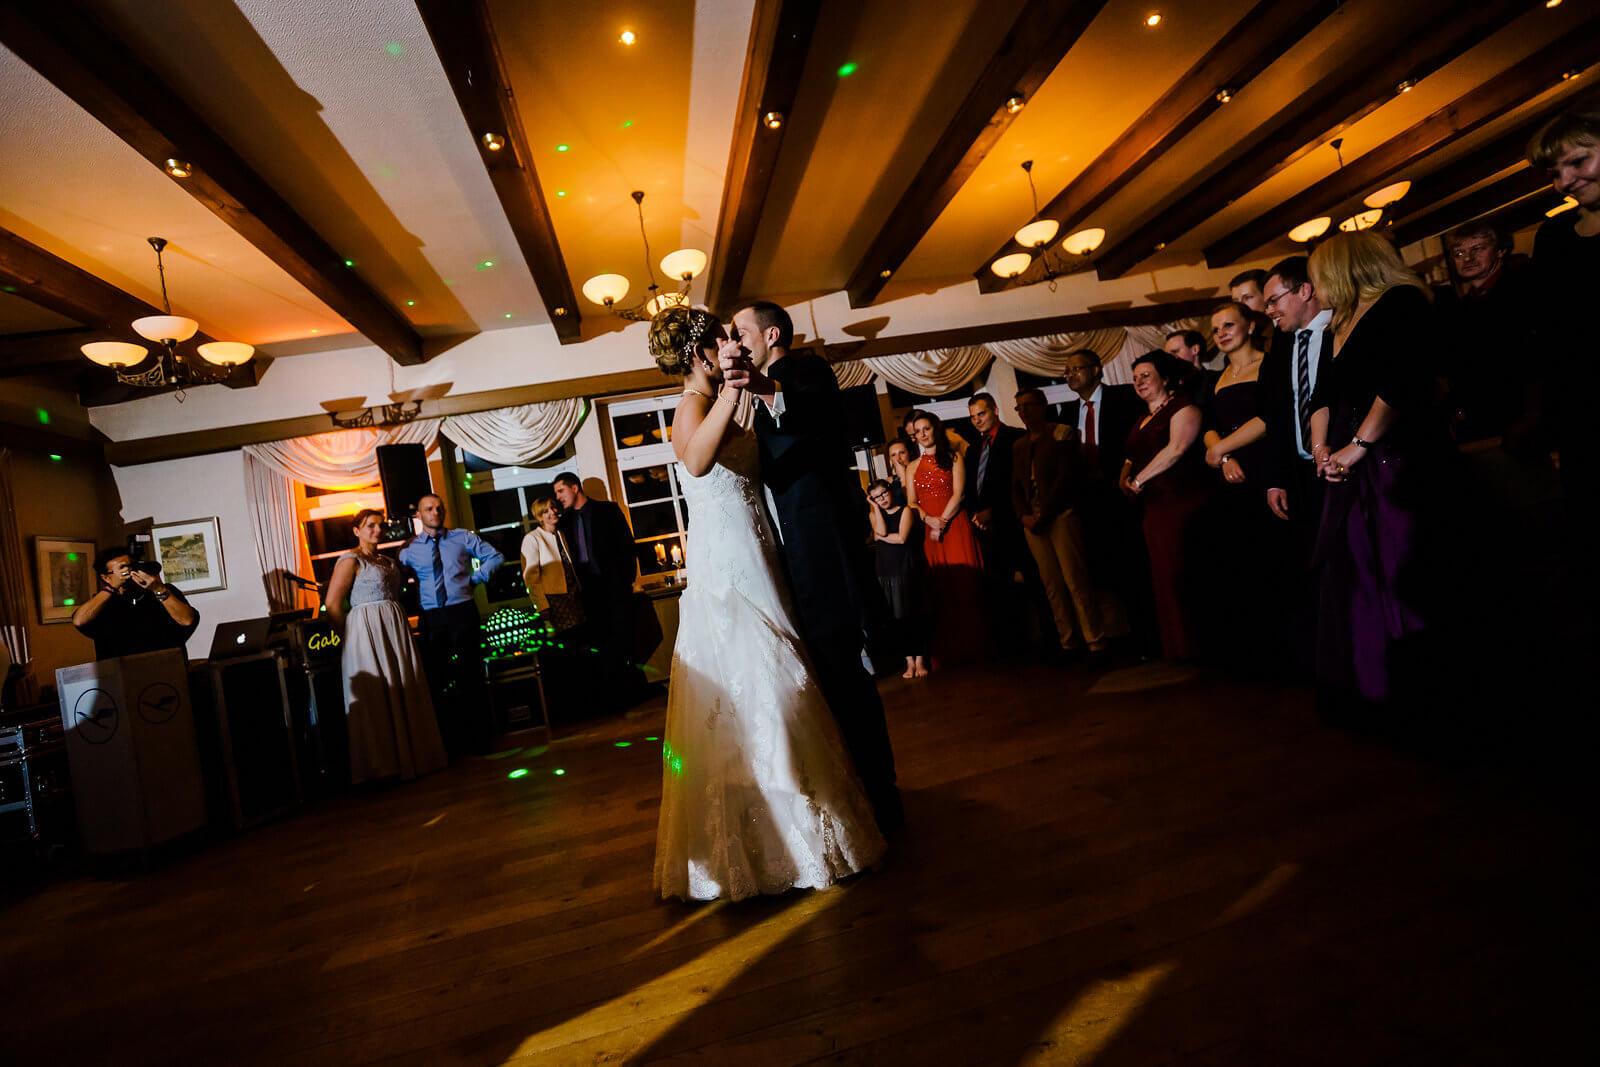 Tanzfläche Hochzeitsfeier Brautpaar